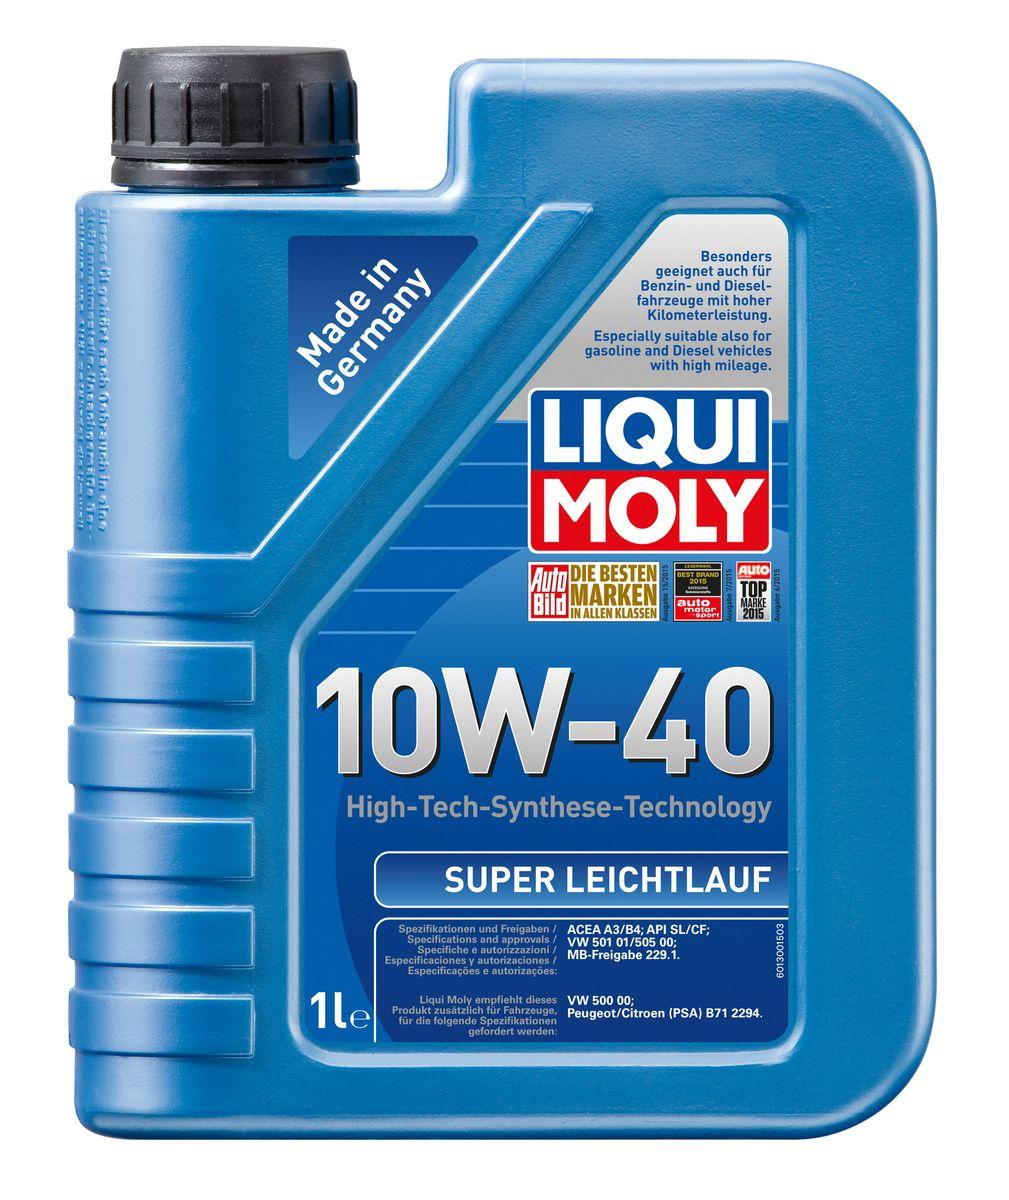 Масло моторное Liqui Moly Super Leichtlauf, НС-синтетическое, 10W-40, 1 л1928Масло моторное Liqui Moly Super Leichtlauf - универсальное моторное масло на базе гидрокрекинговой технологии синтеза (HC-синтеза). Удовлетворяет современным требованиям международных стандартов API и ACEA, а также имеет оригинальные допуски таких производителей, как Mercedes-Benz, Volkswagen Group. Масло имеет высокую стабильность к окислению и угару, поэтому может использоваться в нагруженных бензиновых и дизельных двигателях с турбонаддувом и интеркулером. В моторном масле Leichtlauf Super 10W-40 используются базовые компоненты, произведенные по новейшим технологиям синтеза и отличающиеся высочайшими защитными свойствами. Масло содержит современный пакет присадок, который обеспечивает высокий уровень защиты от износа и гарантирует стабильное поступление масла ко всем деталям двигателя. Особенности: - Высокая стабильность масляной пленки при высоких и низких температурах- Высокие противоизносные свойства- Обеспечивает оптимальную чистоту двигателя- Протестировано на совместимость с турбированными двигателями и катализаторомДопуск: -API: SL/CF-ACEA: A3/B4-MB: 229.1-VW: 501 01/505 00